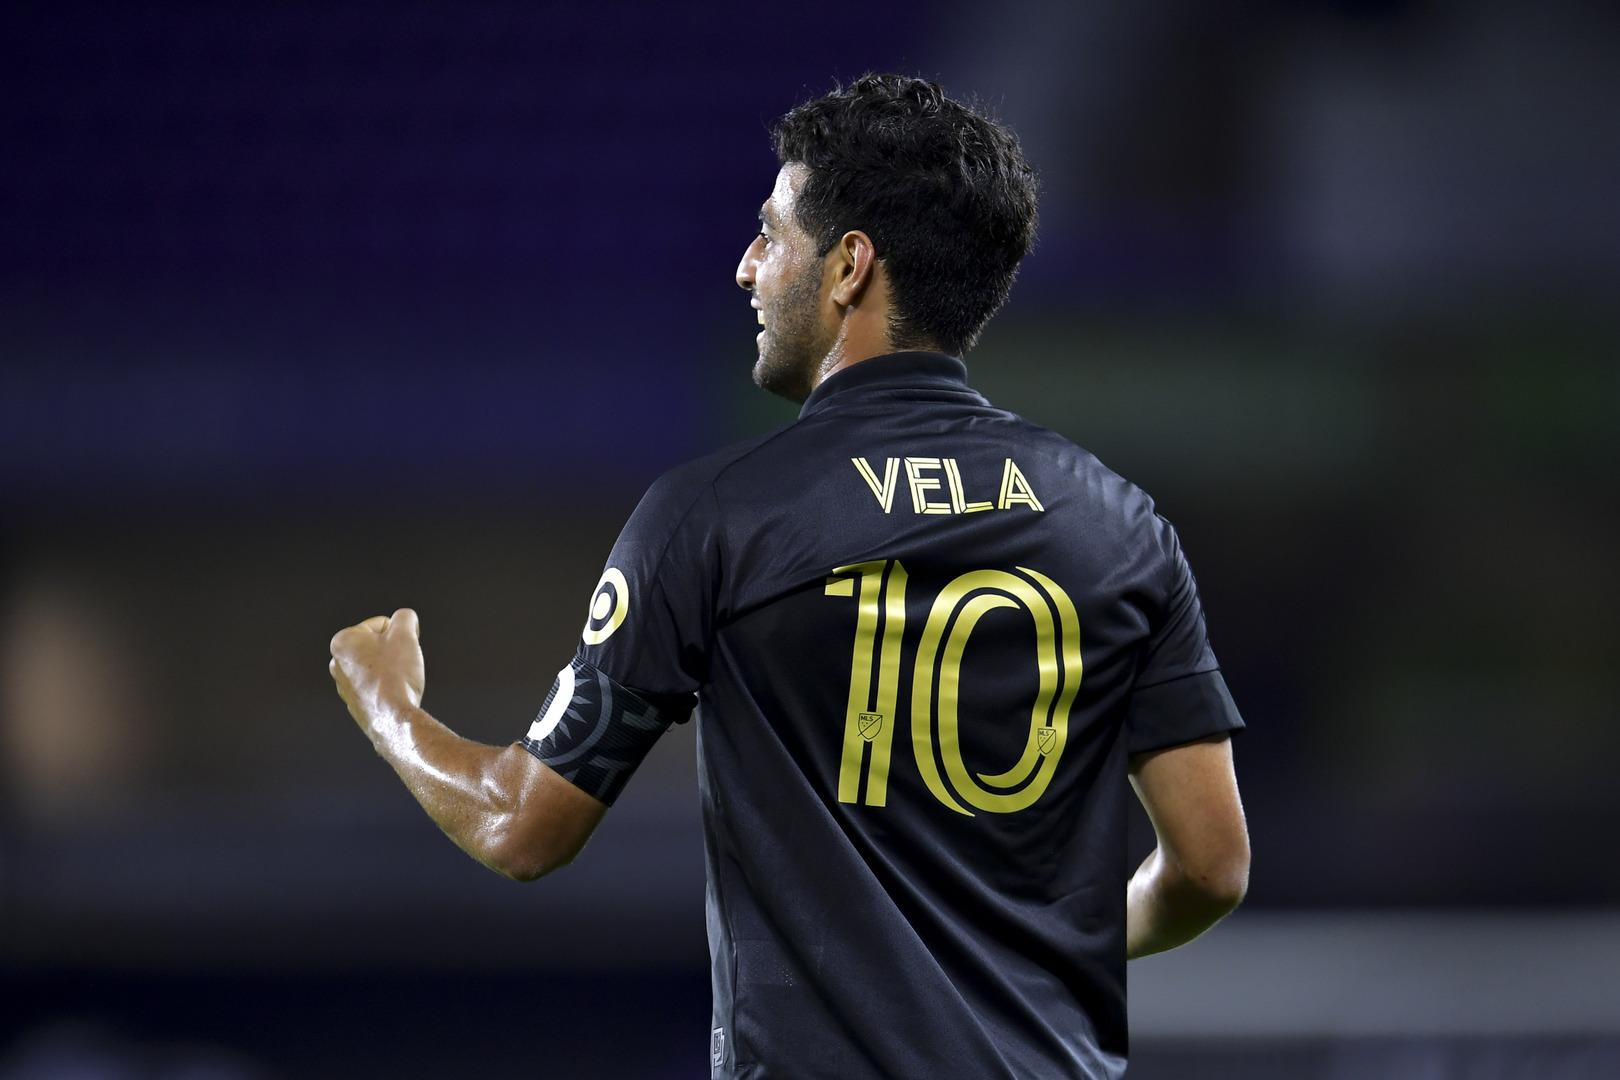 Carlos Vela le cierra las puertas al América. foto: Twitter The Champions